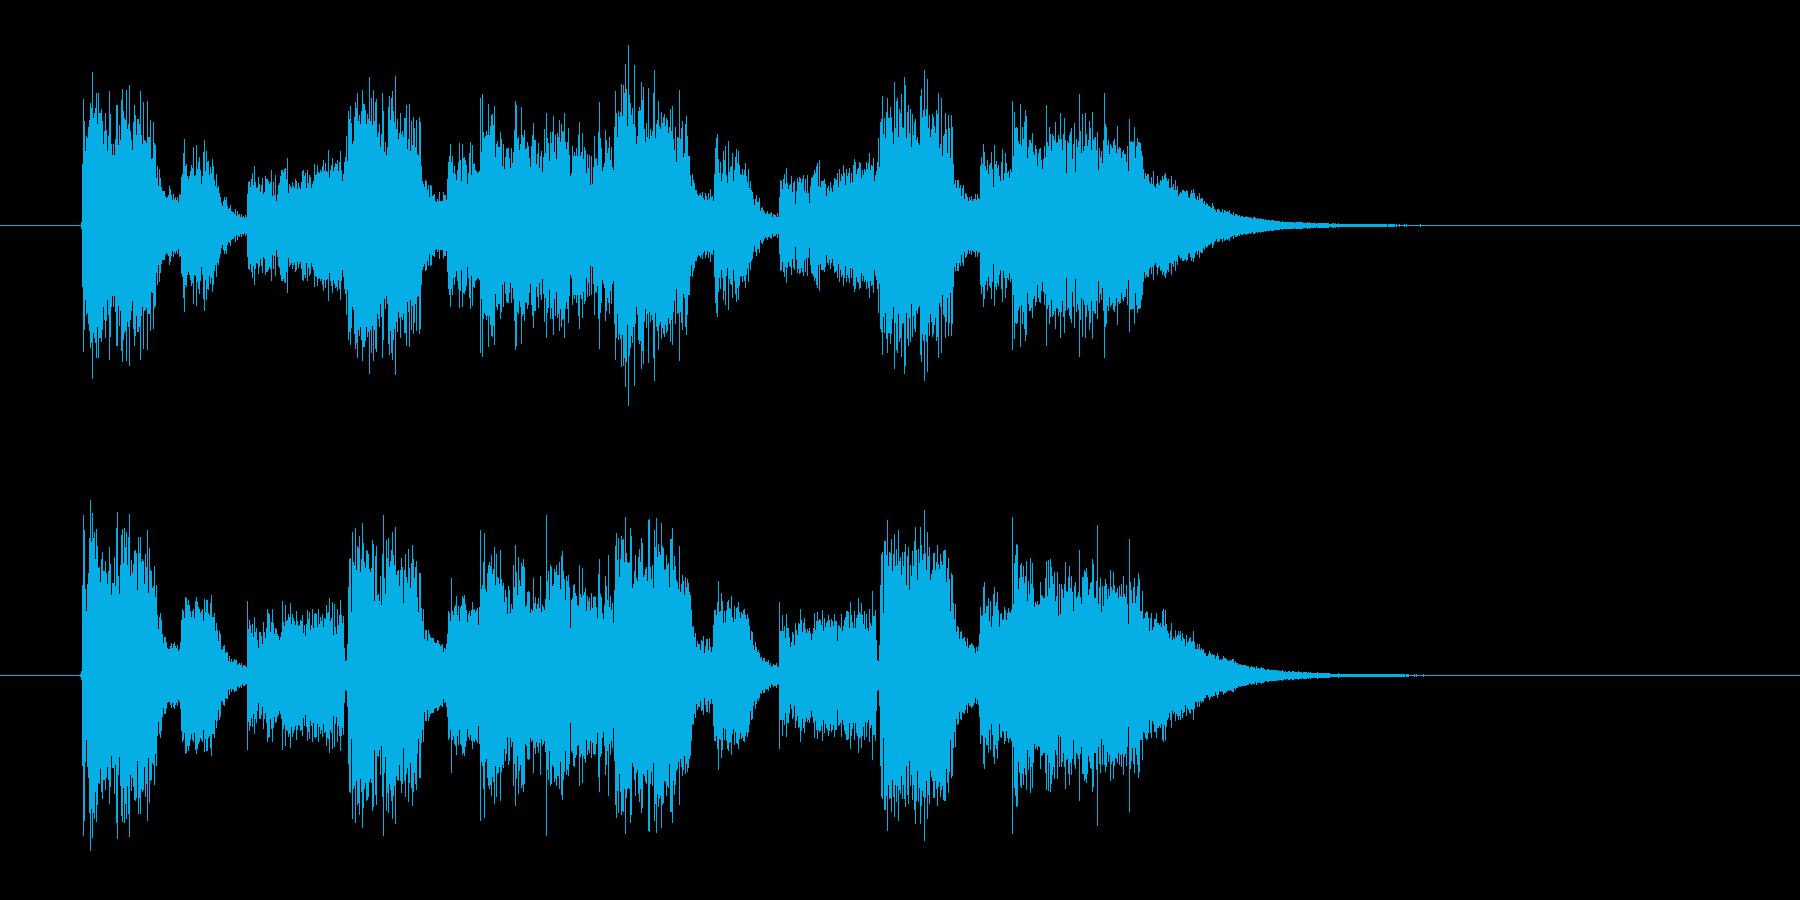 ギターのリフが重厚なメタルサウンドの再生済みの波形